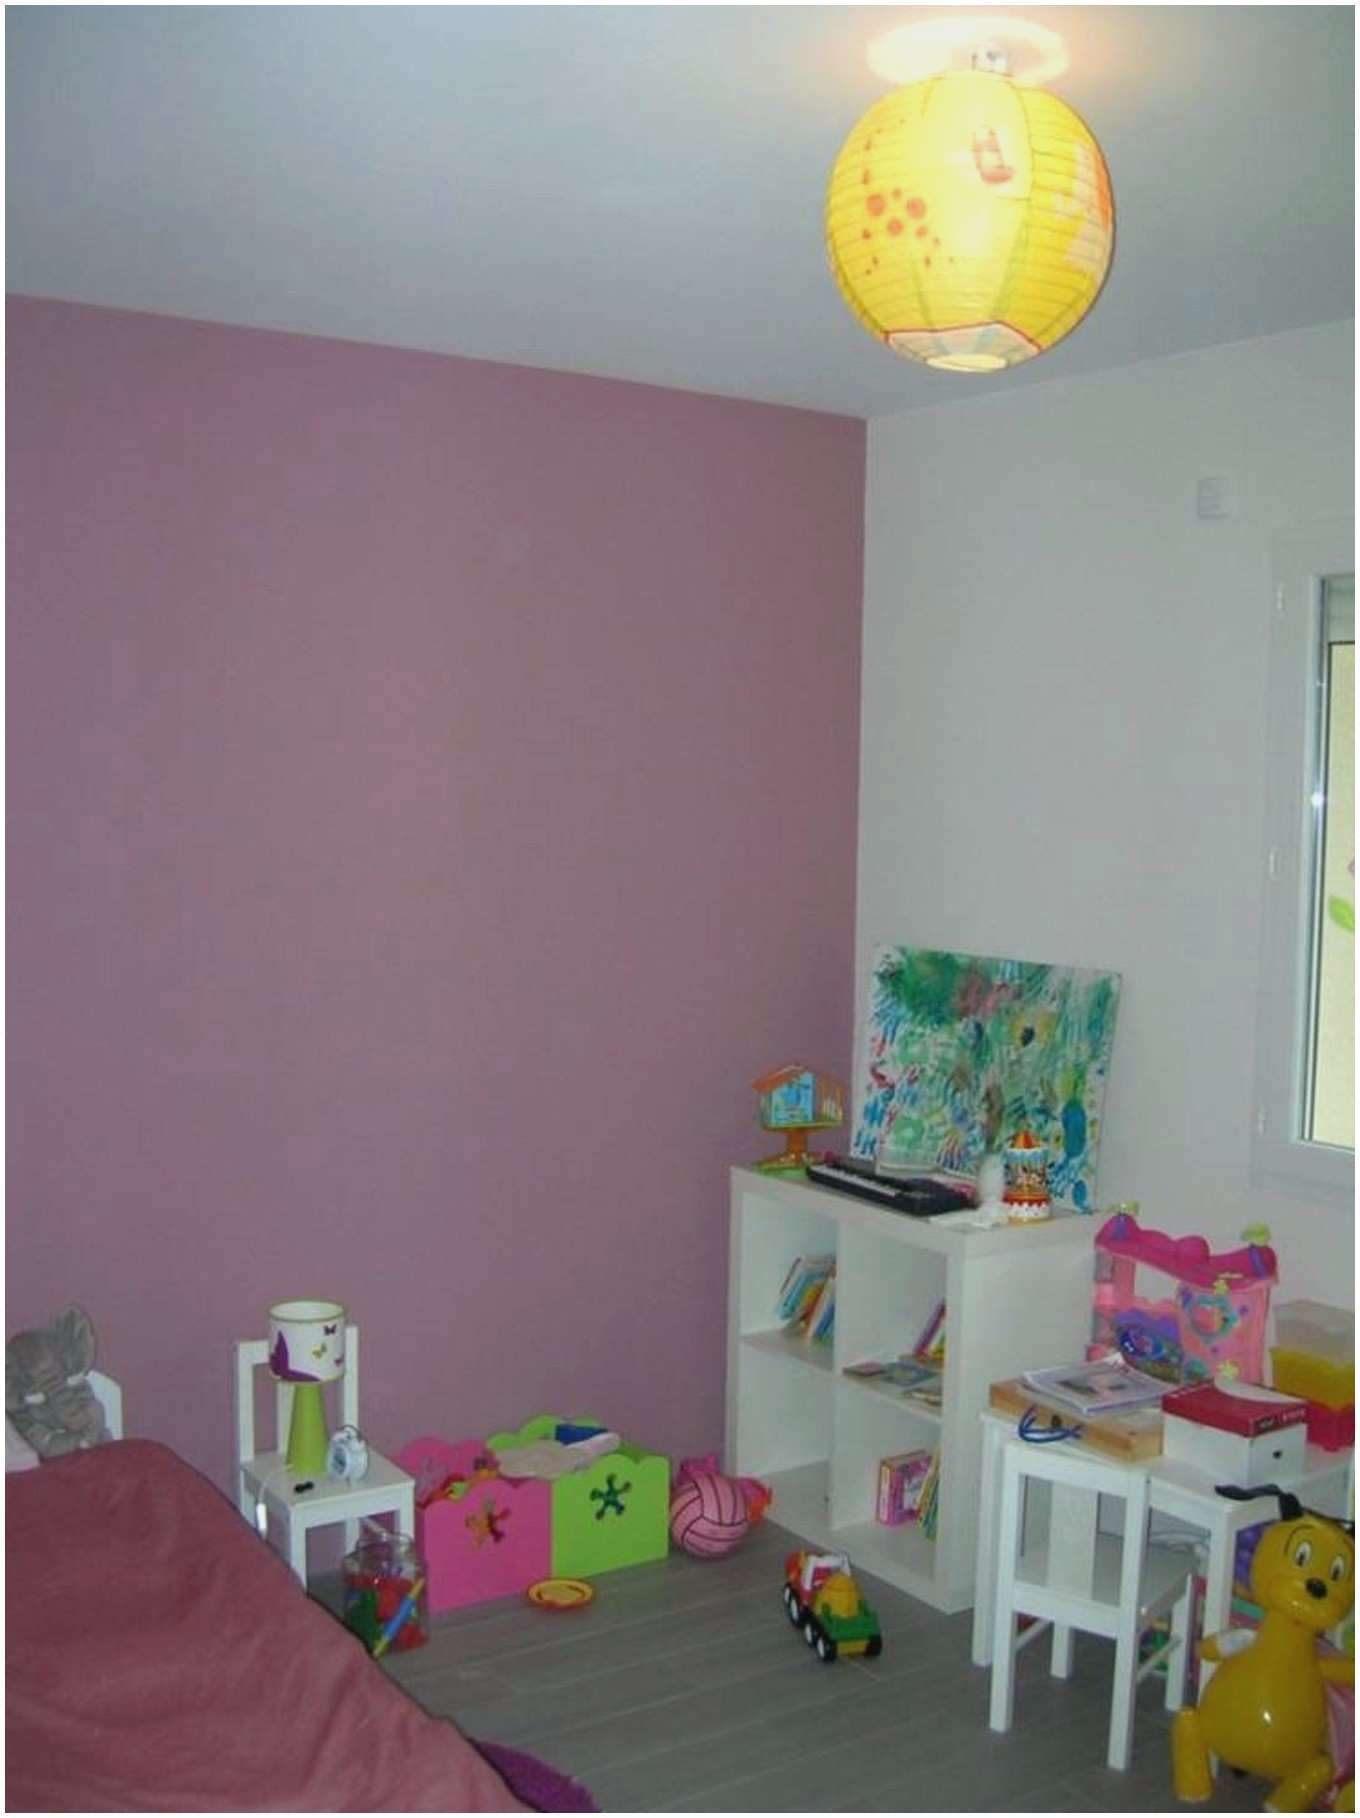 Lit Montessori Bébé 9 Mois Agréable Idée Peinture Chambre Bébé Fille